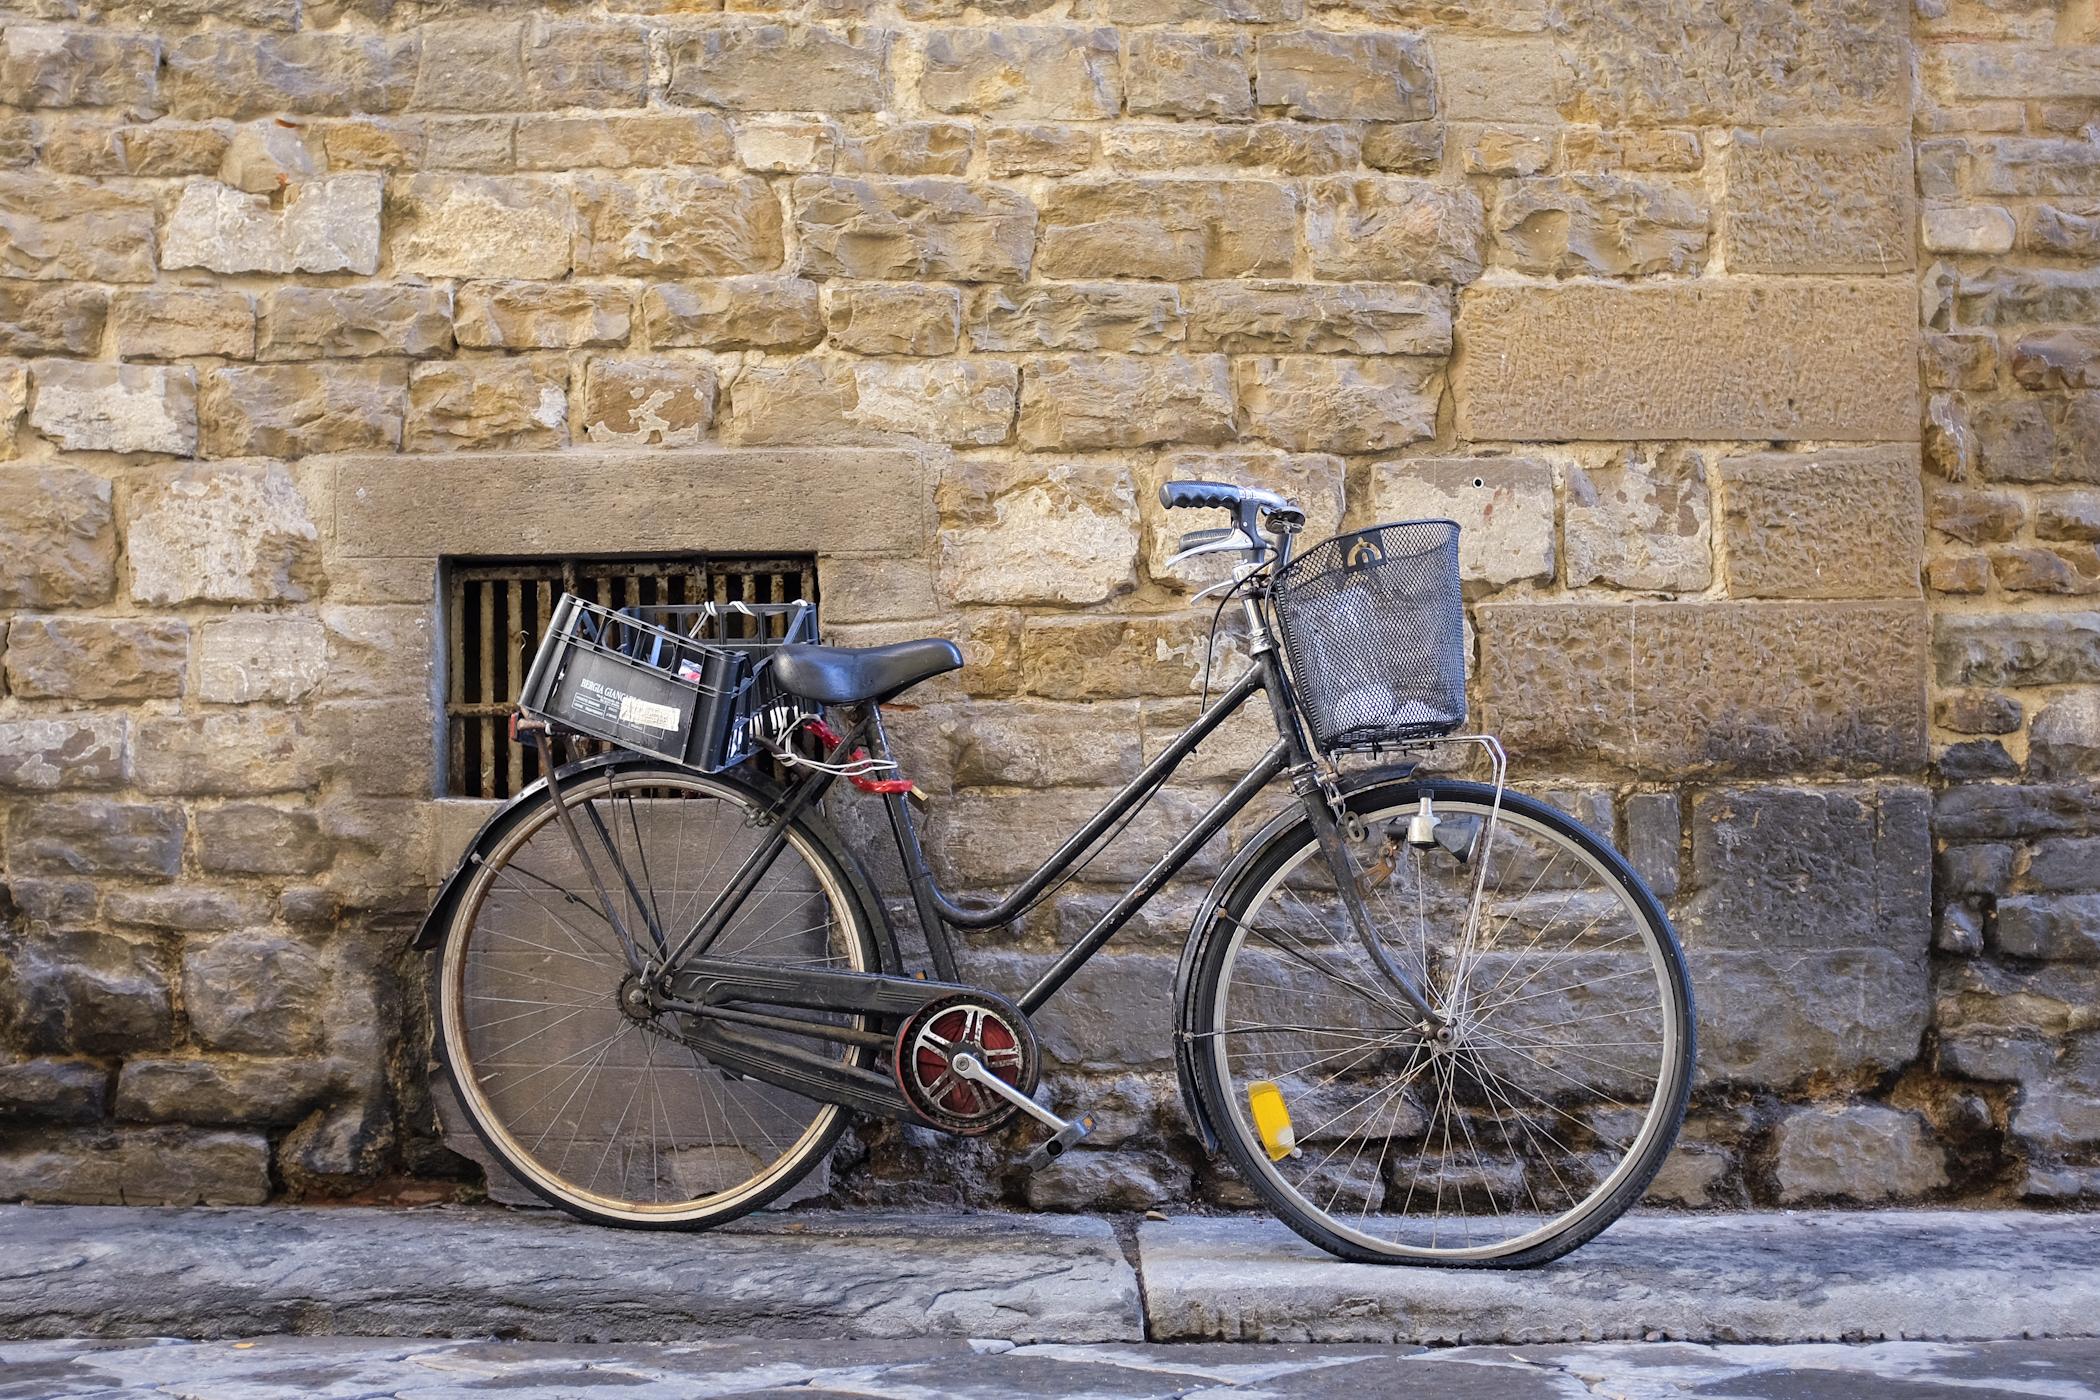 palermo bicicletti di firenze jan15-17.jpg